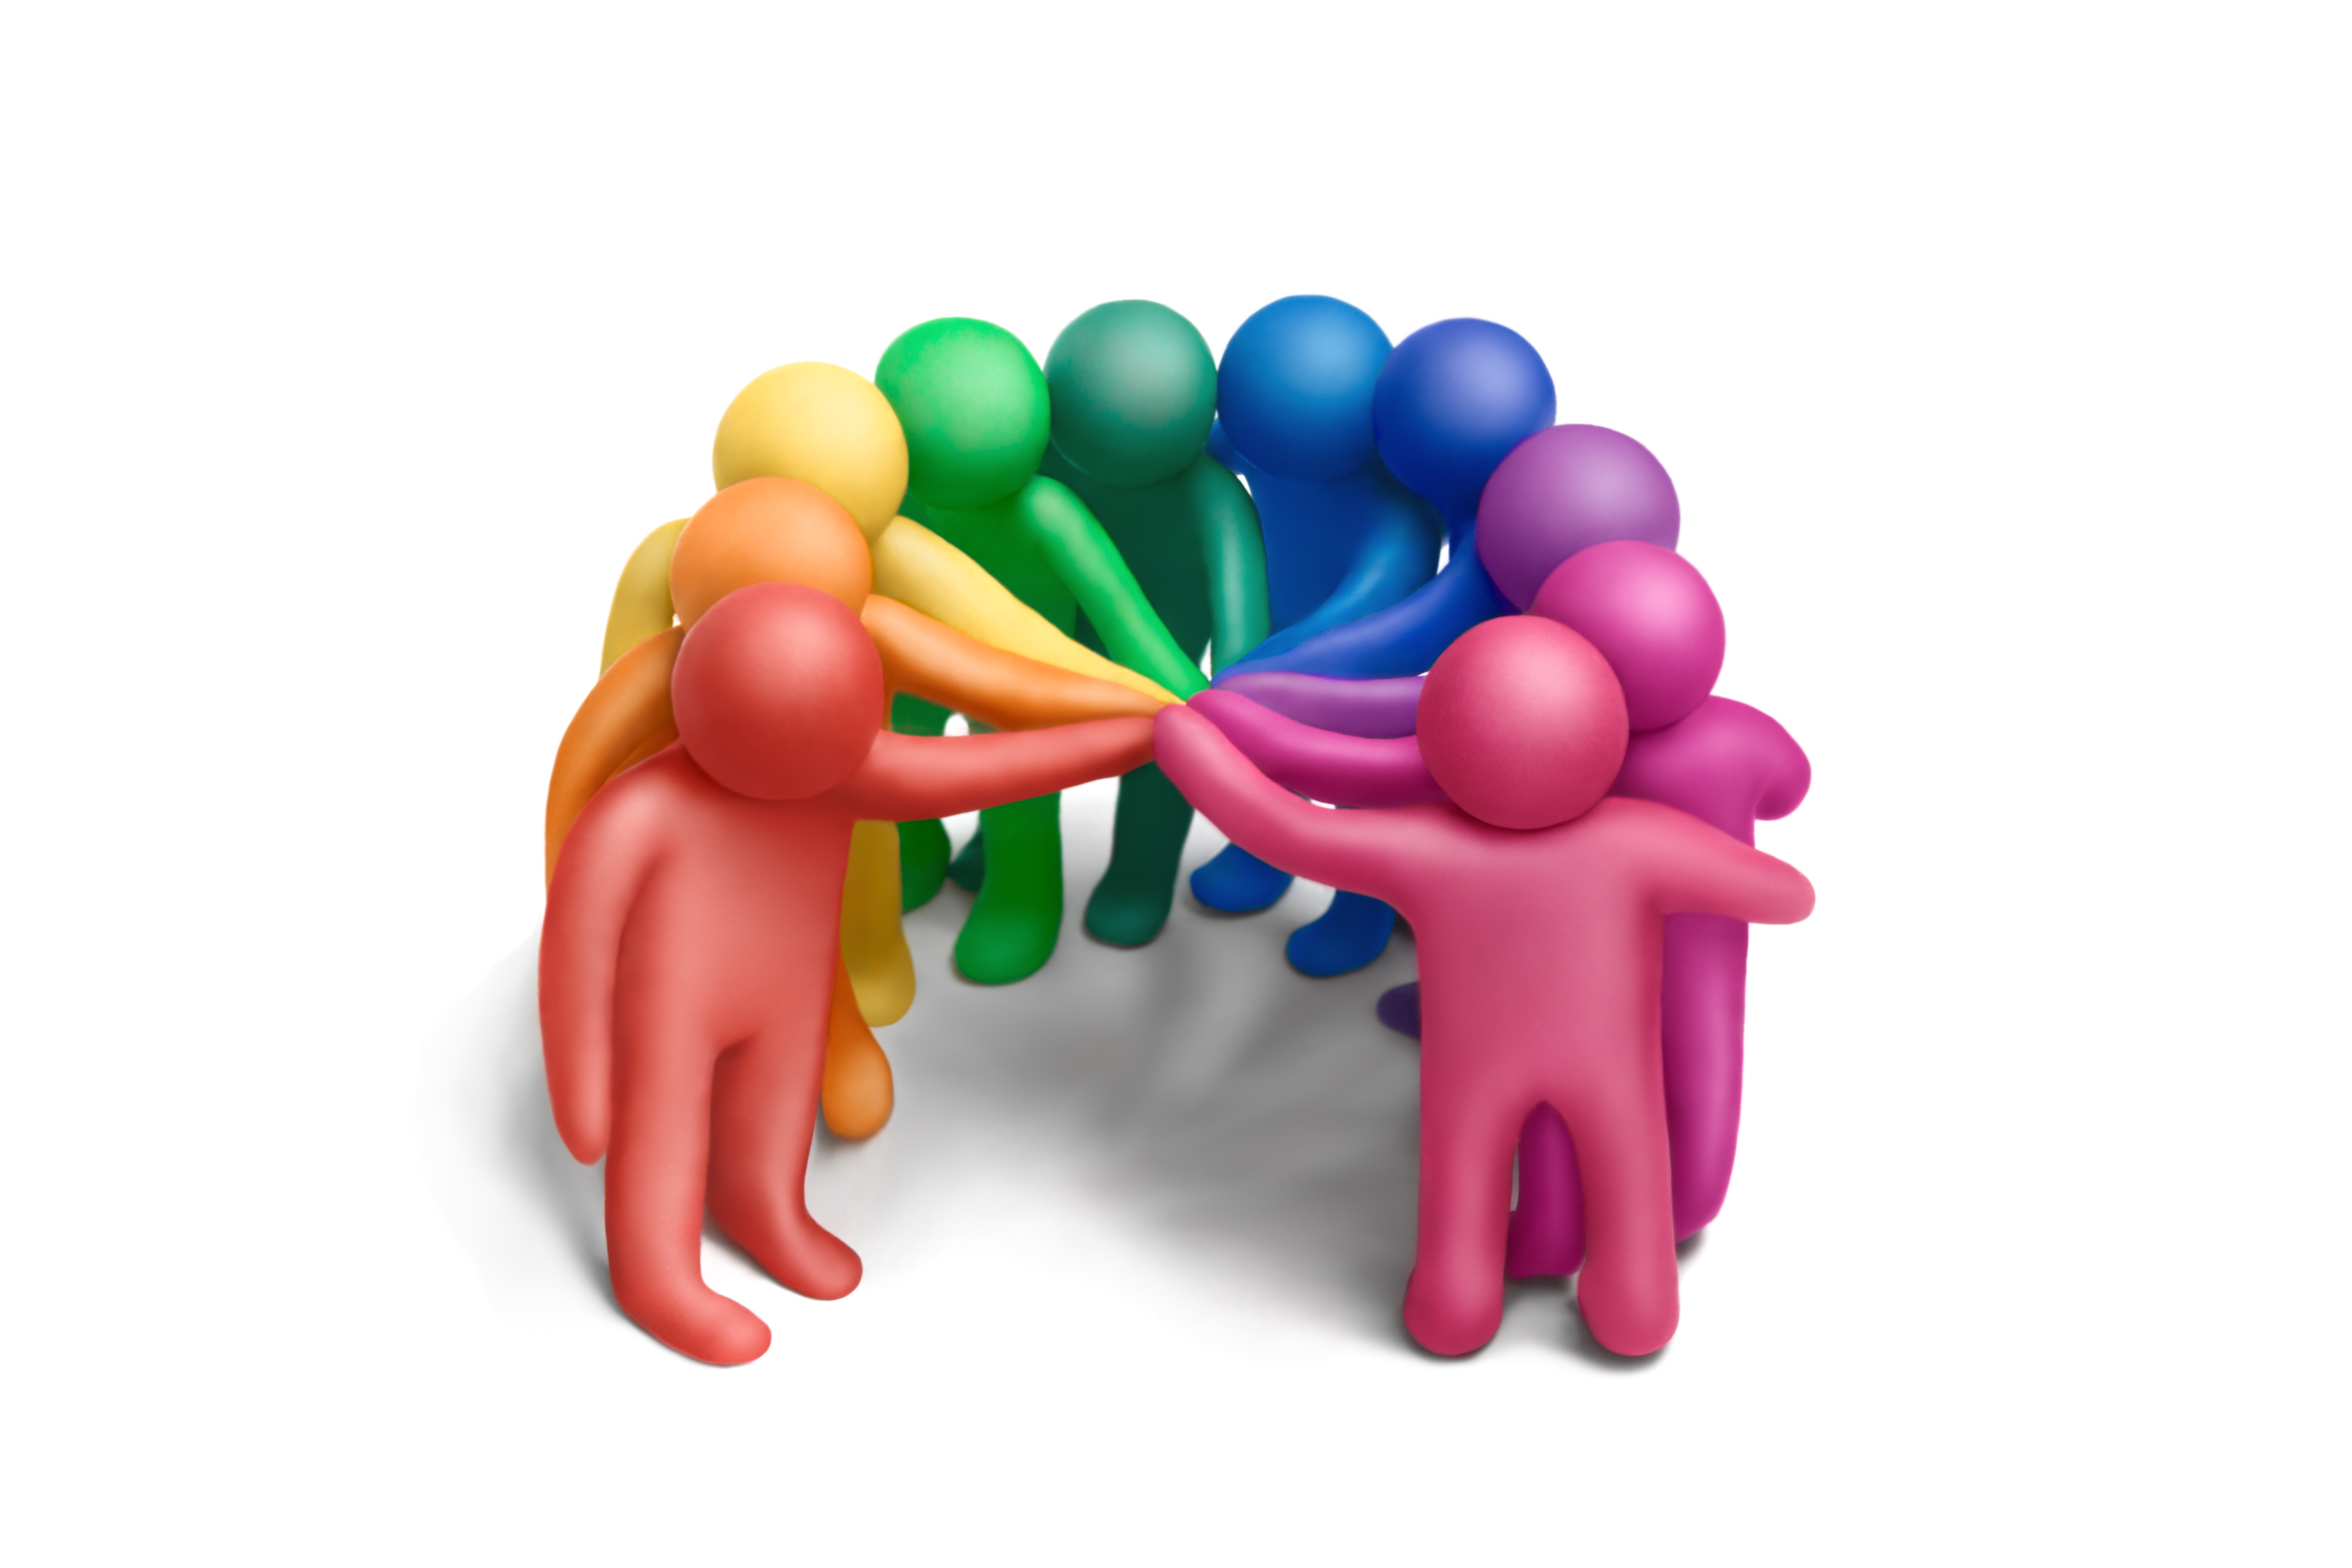 Flerfärgade 3D-karaktärer håller in händerna i mitten.